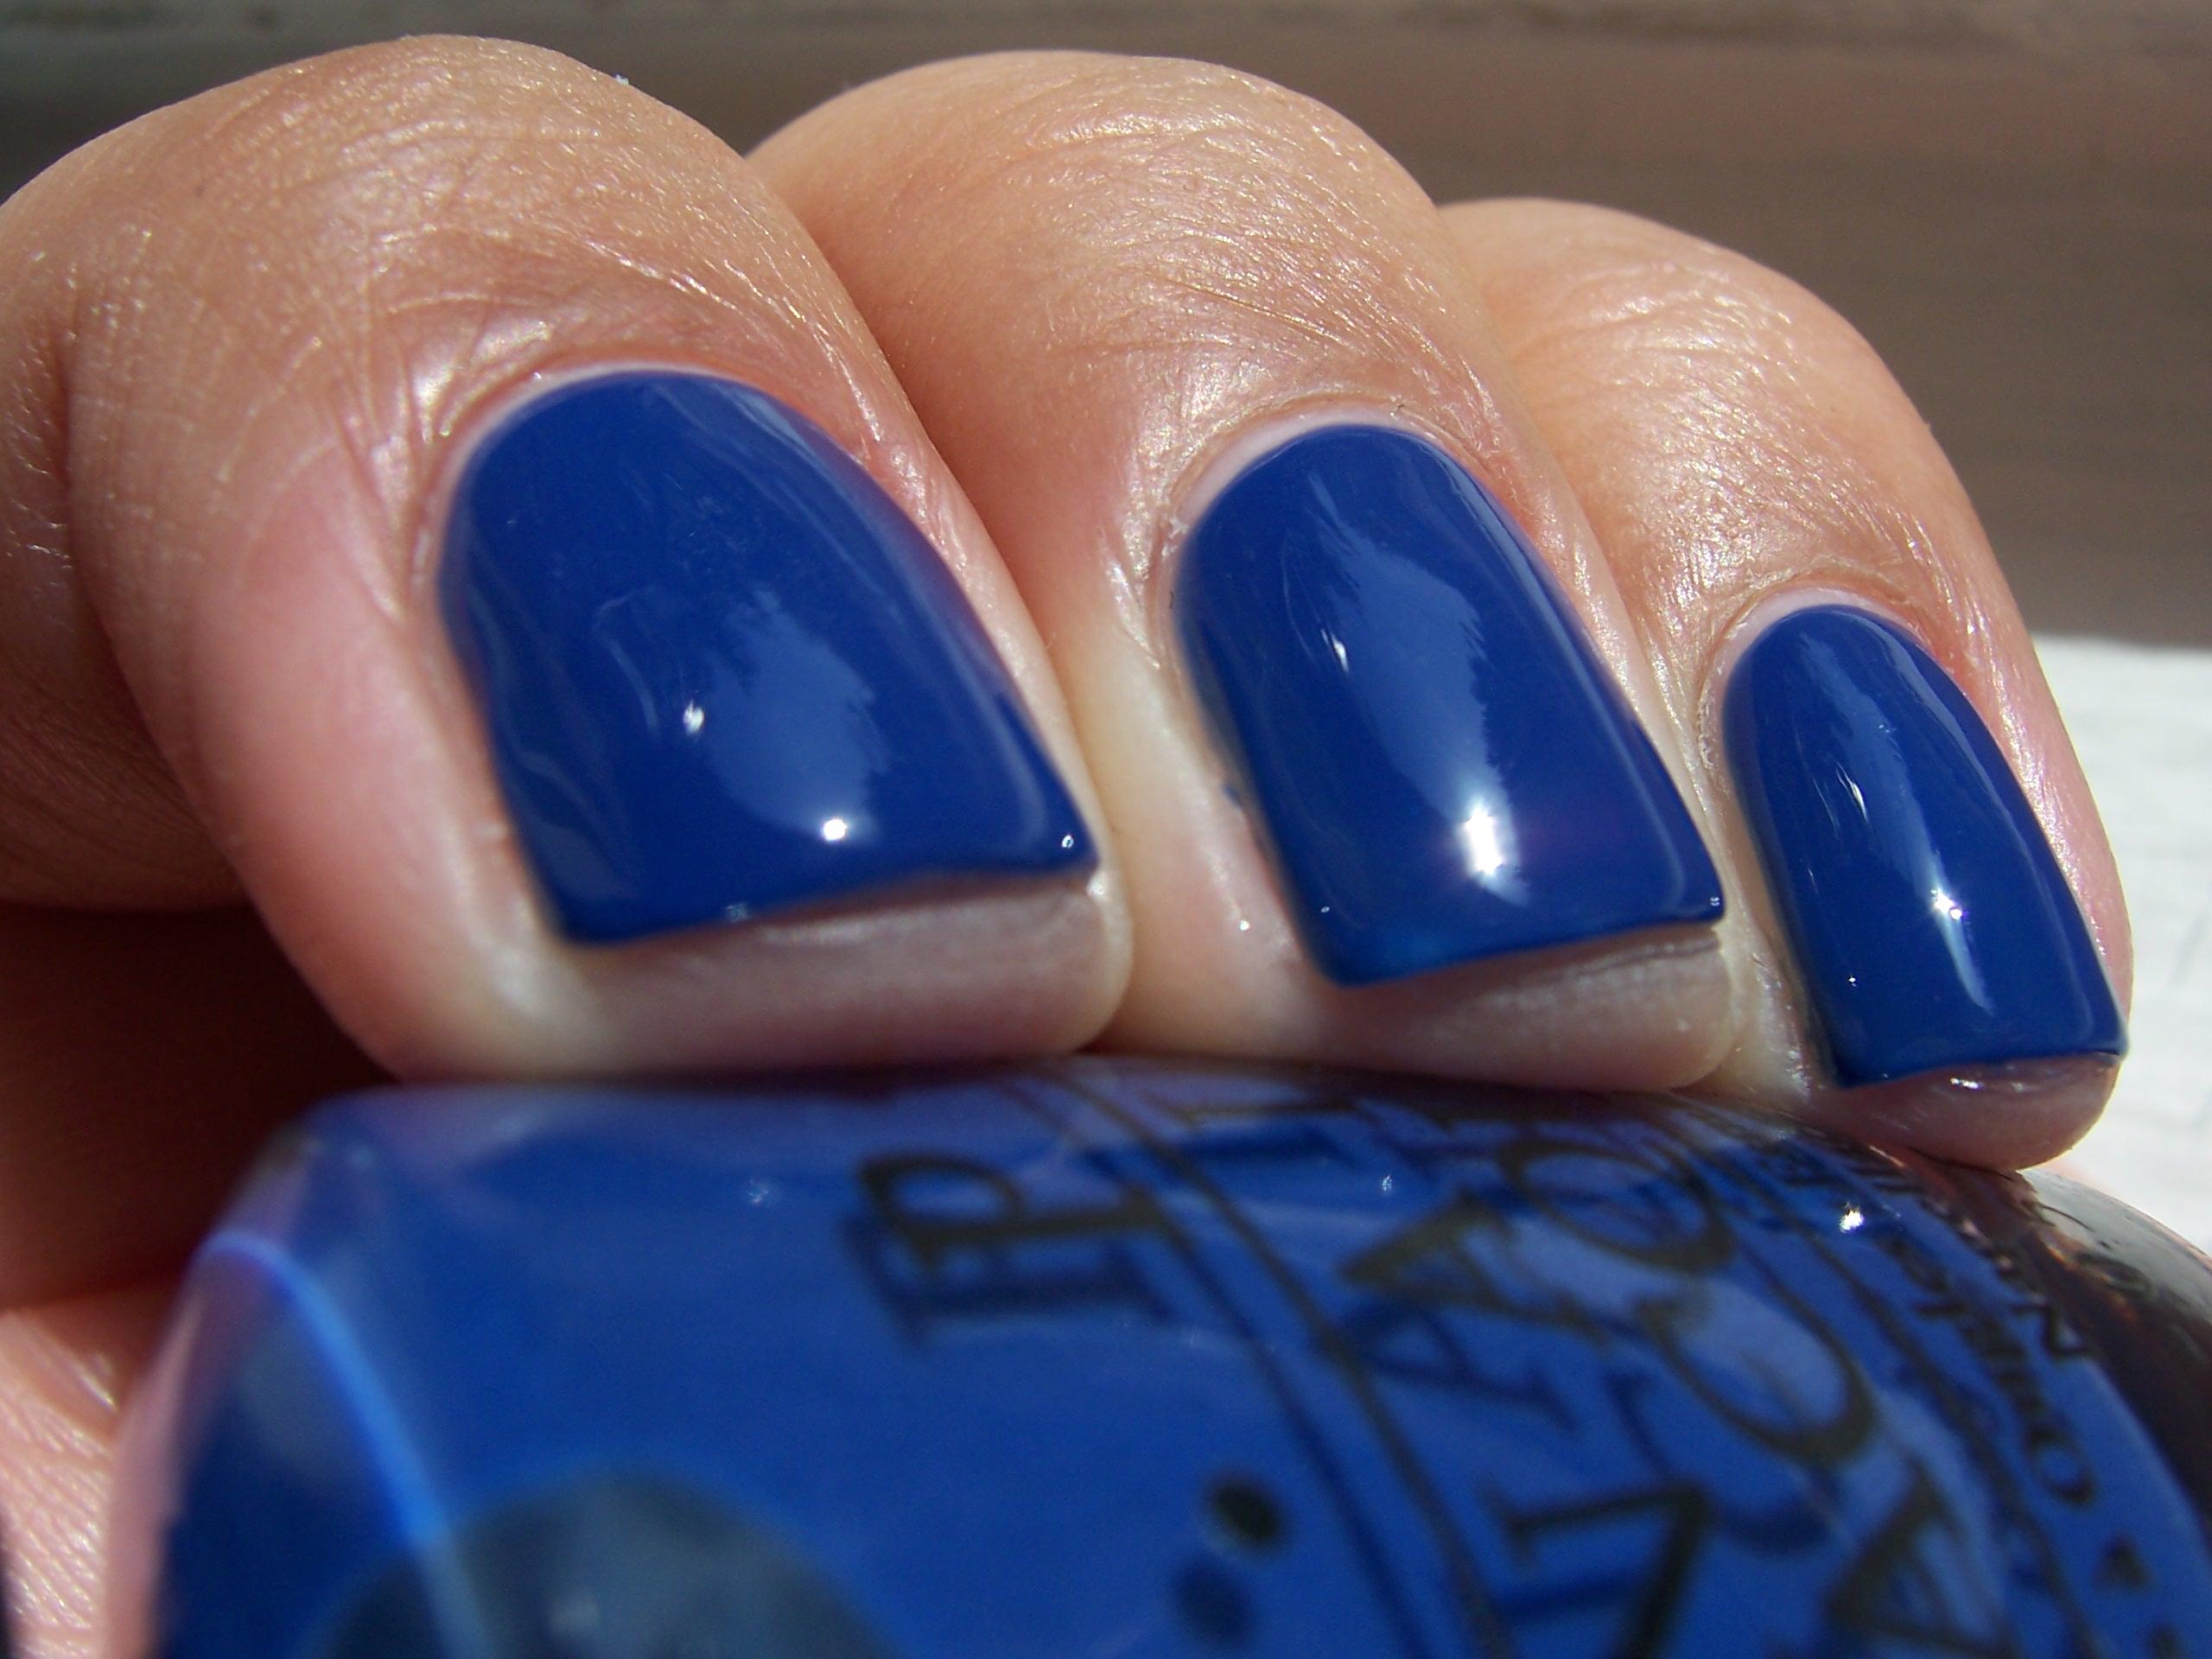 Nail polish Polish Gel polish